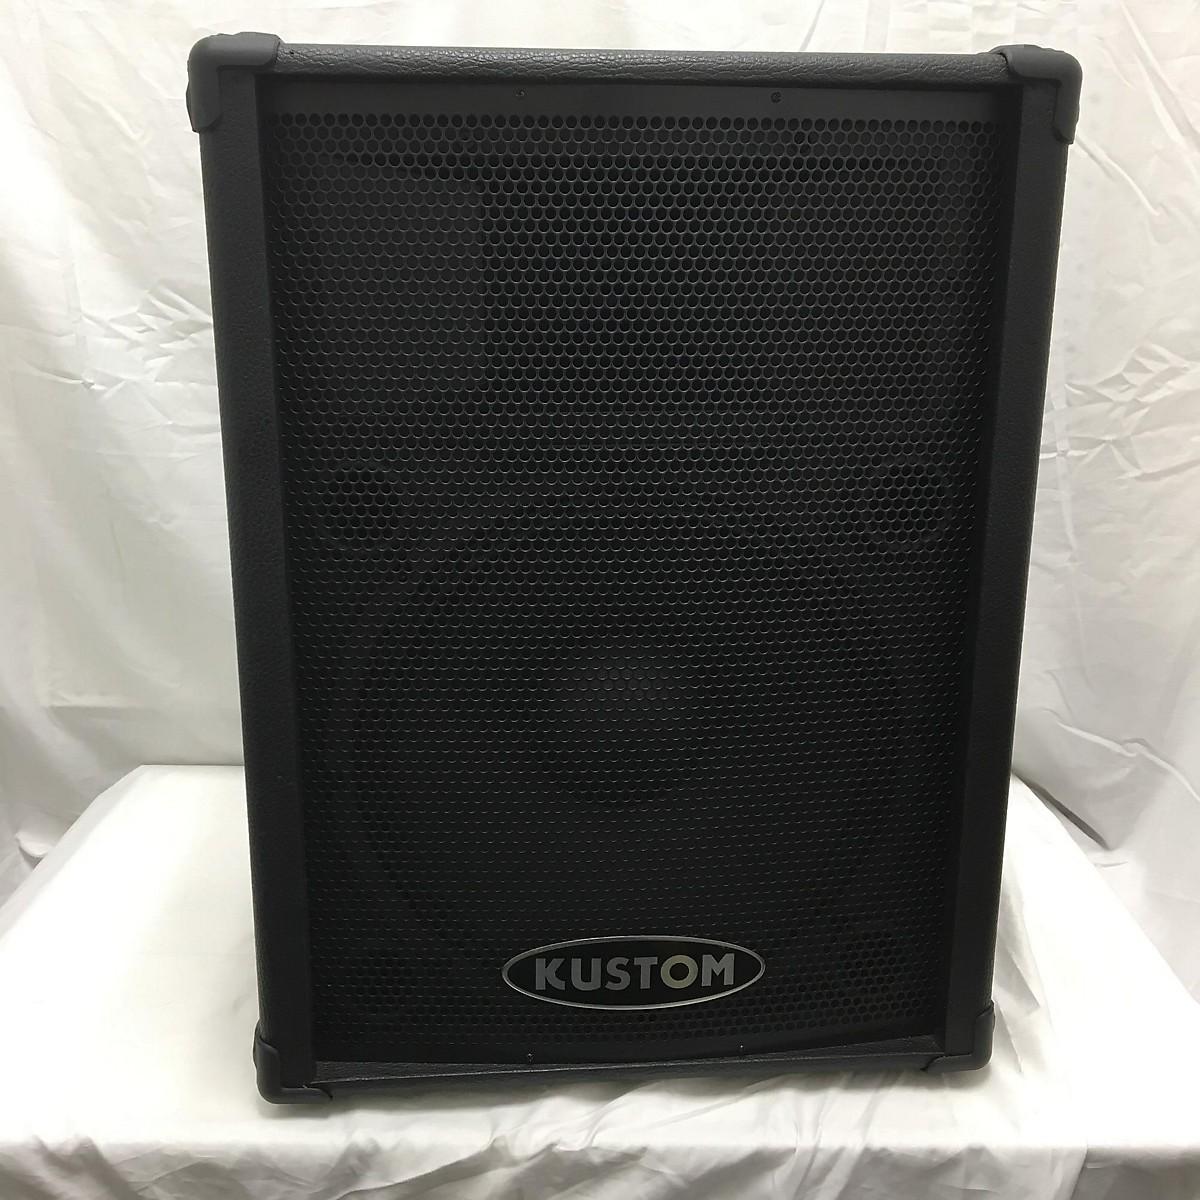 Kustom KPC 15 Unpowered Speaker Unpowered Speaker